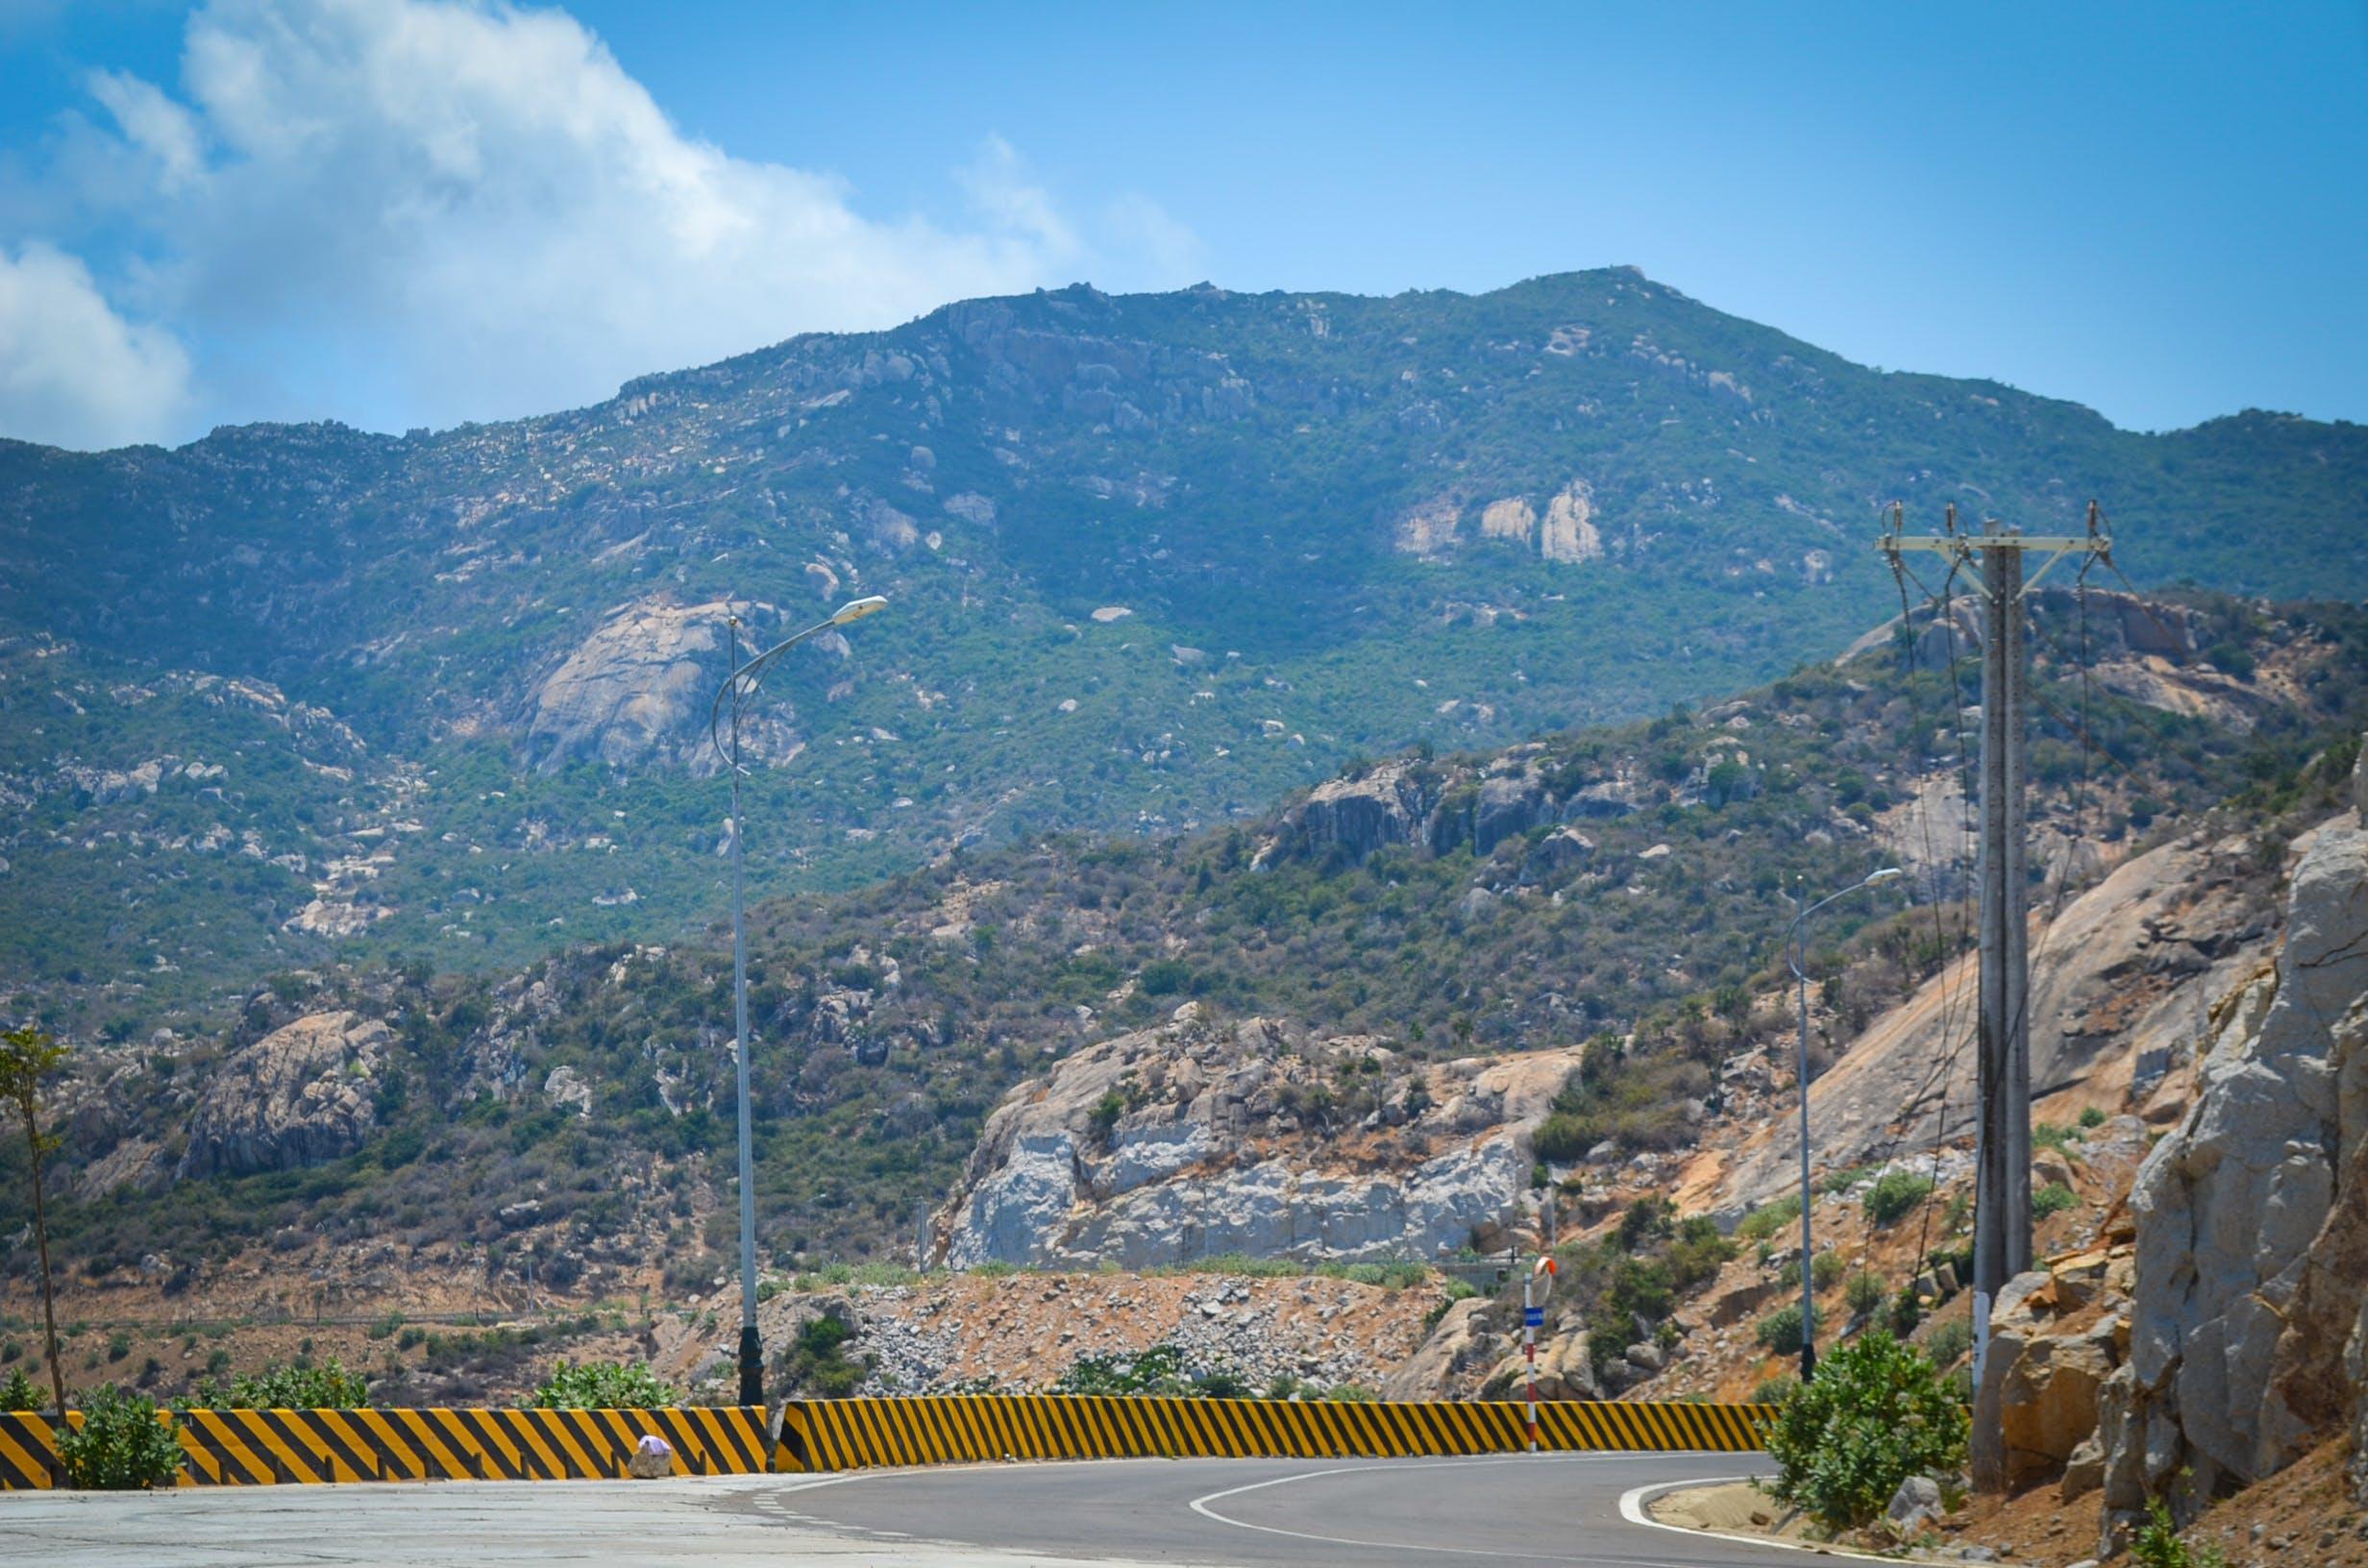 Free stock photo of rocky mountain